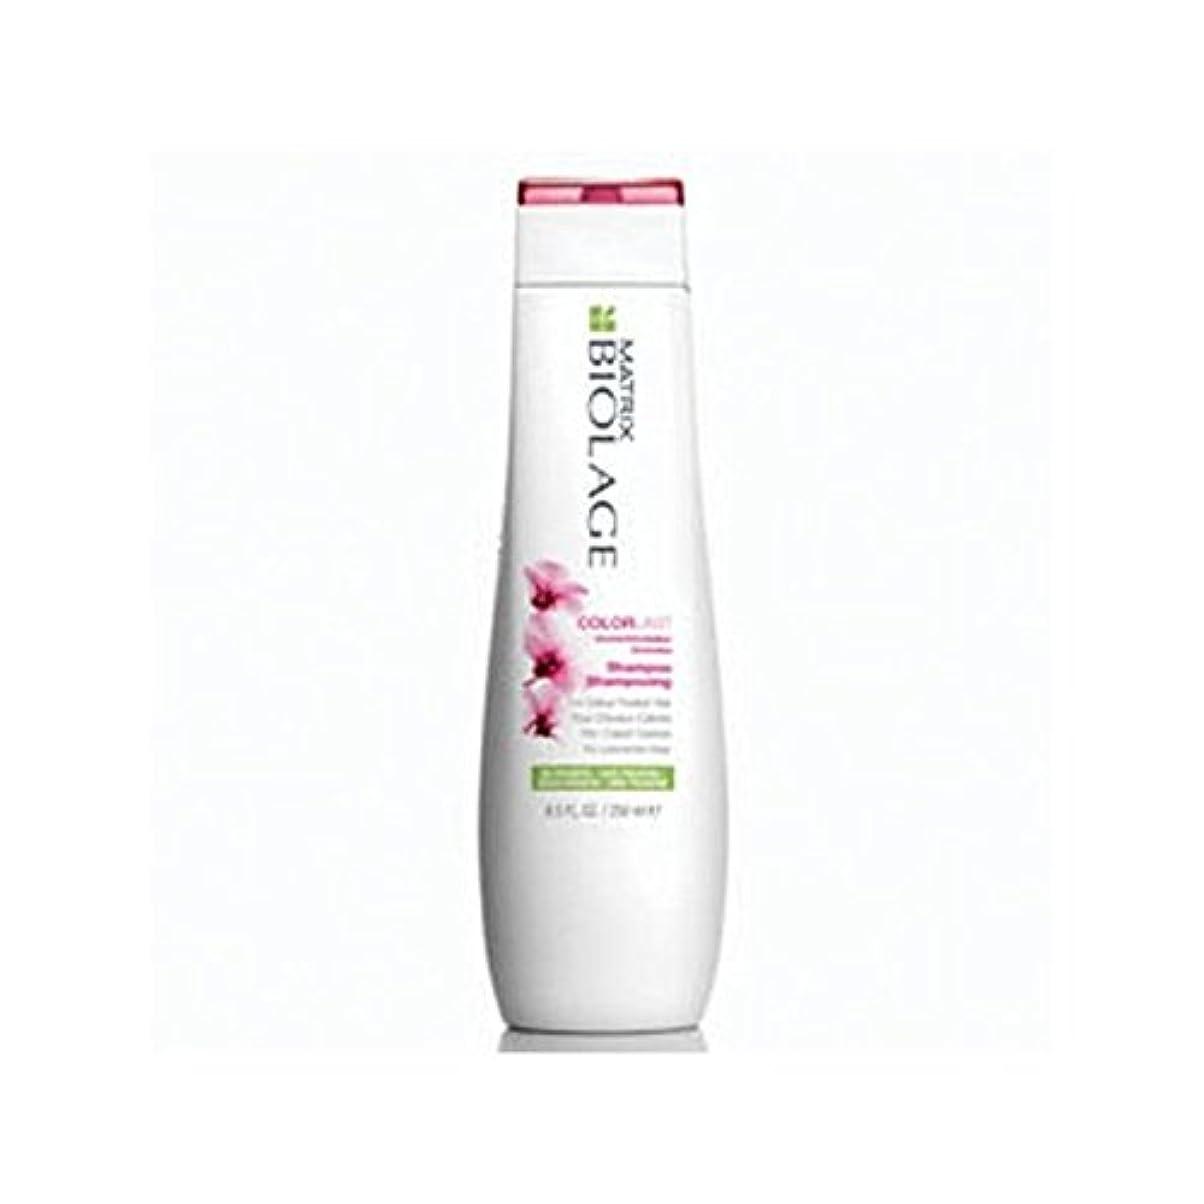 新しい意味孤児企業Matrix Biolage Colorlast Shampoo (250ml) (Pack of 6) - マトリックスバイオレイジのシャンプー(250ミリリットル) x6 [並行輸入品]